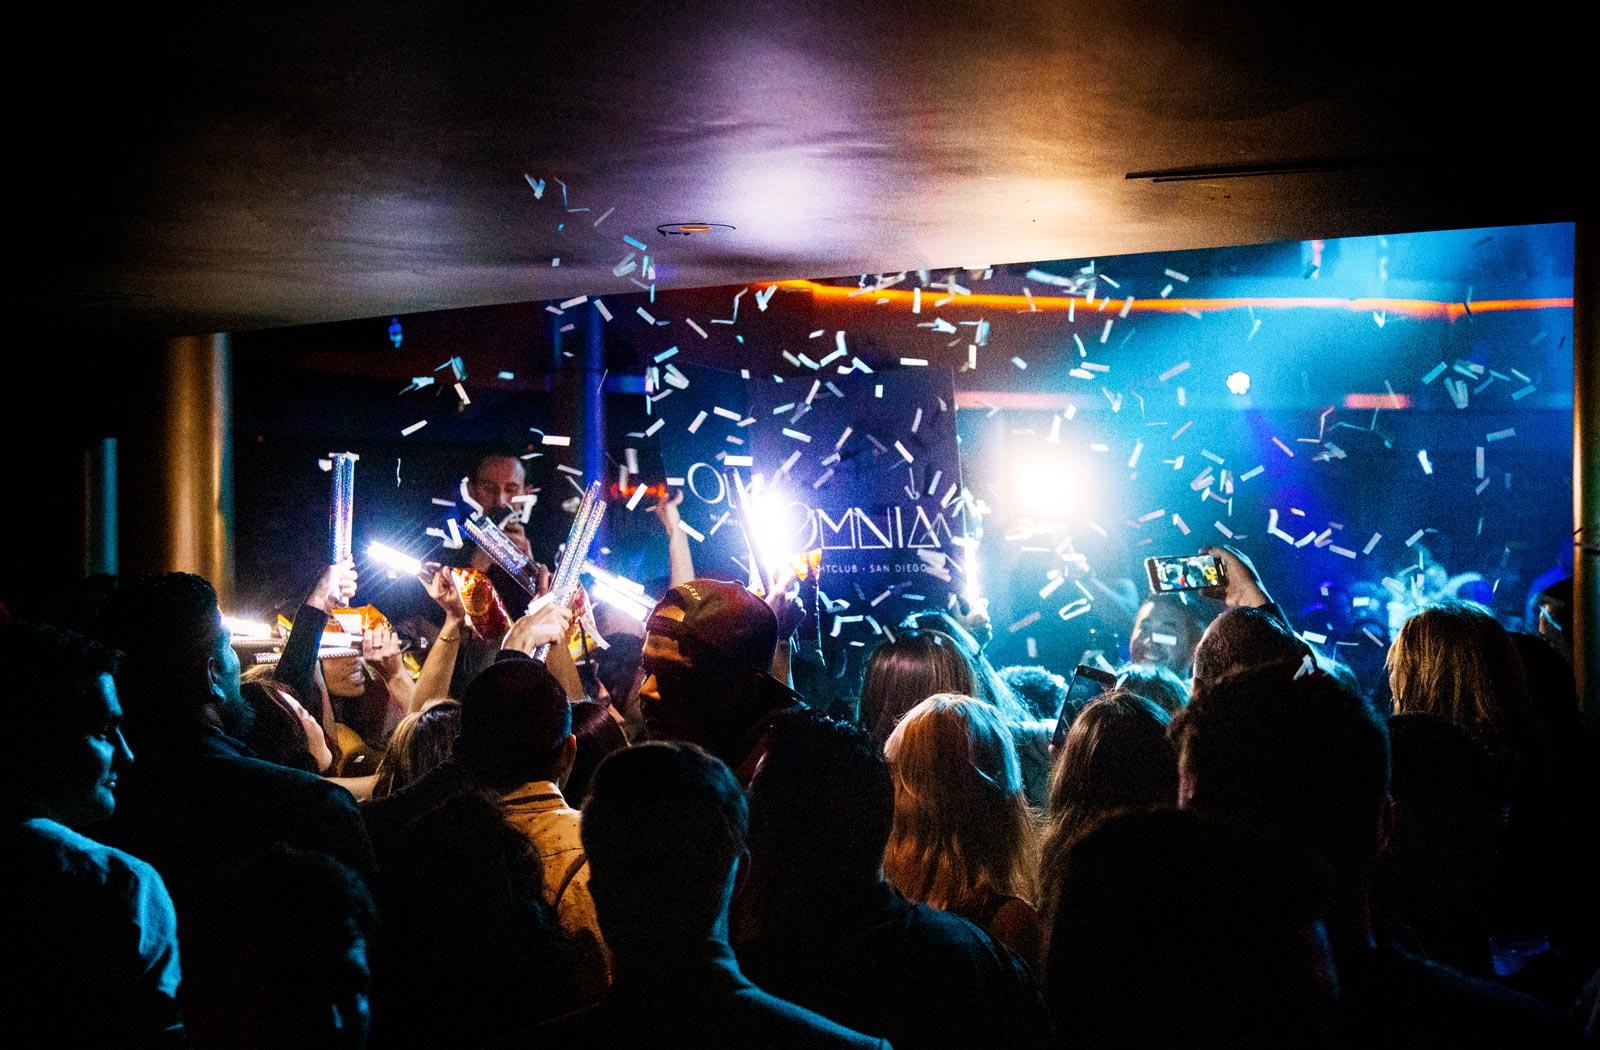 People Dancing at Omnia Nightclub - Spring Break in San Diego